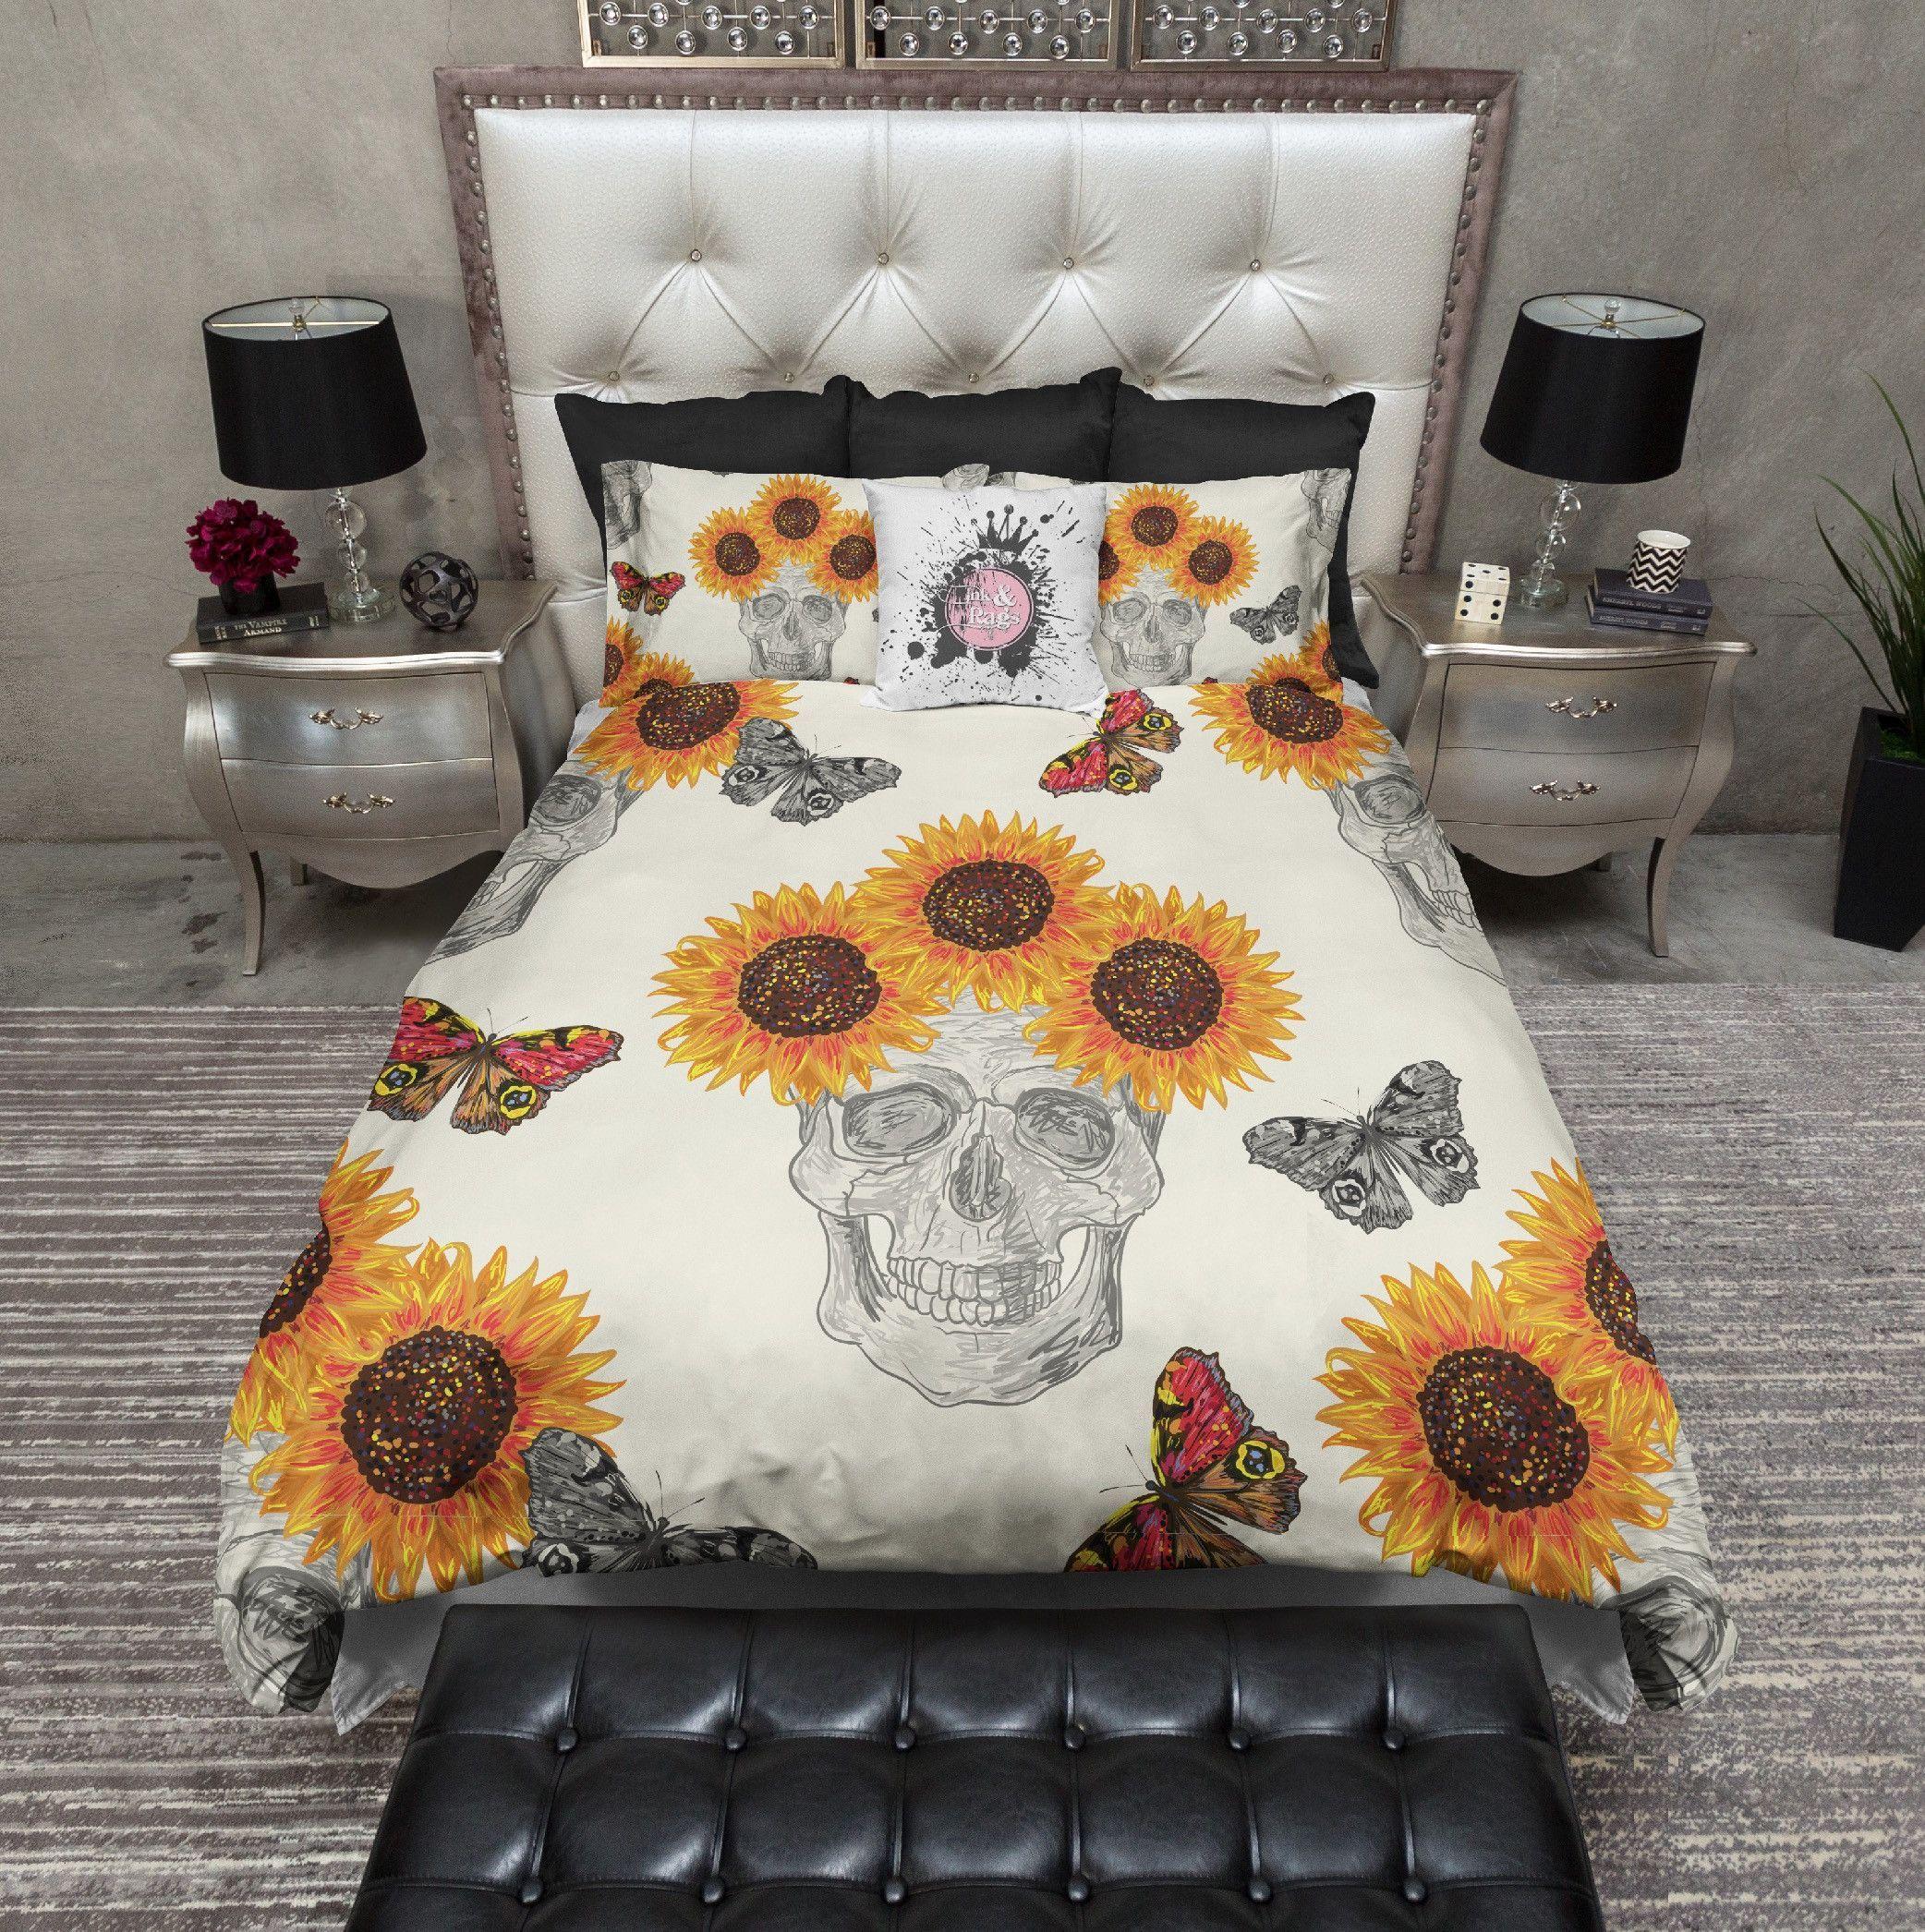 Butterfly Sunflower Skull Bedding Cream Yellow Bedding Duvet